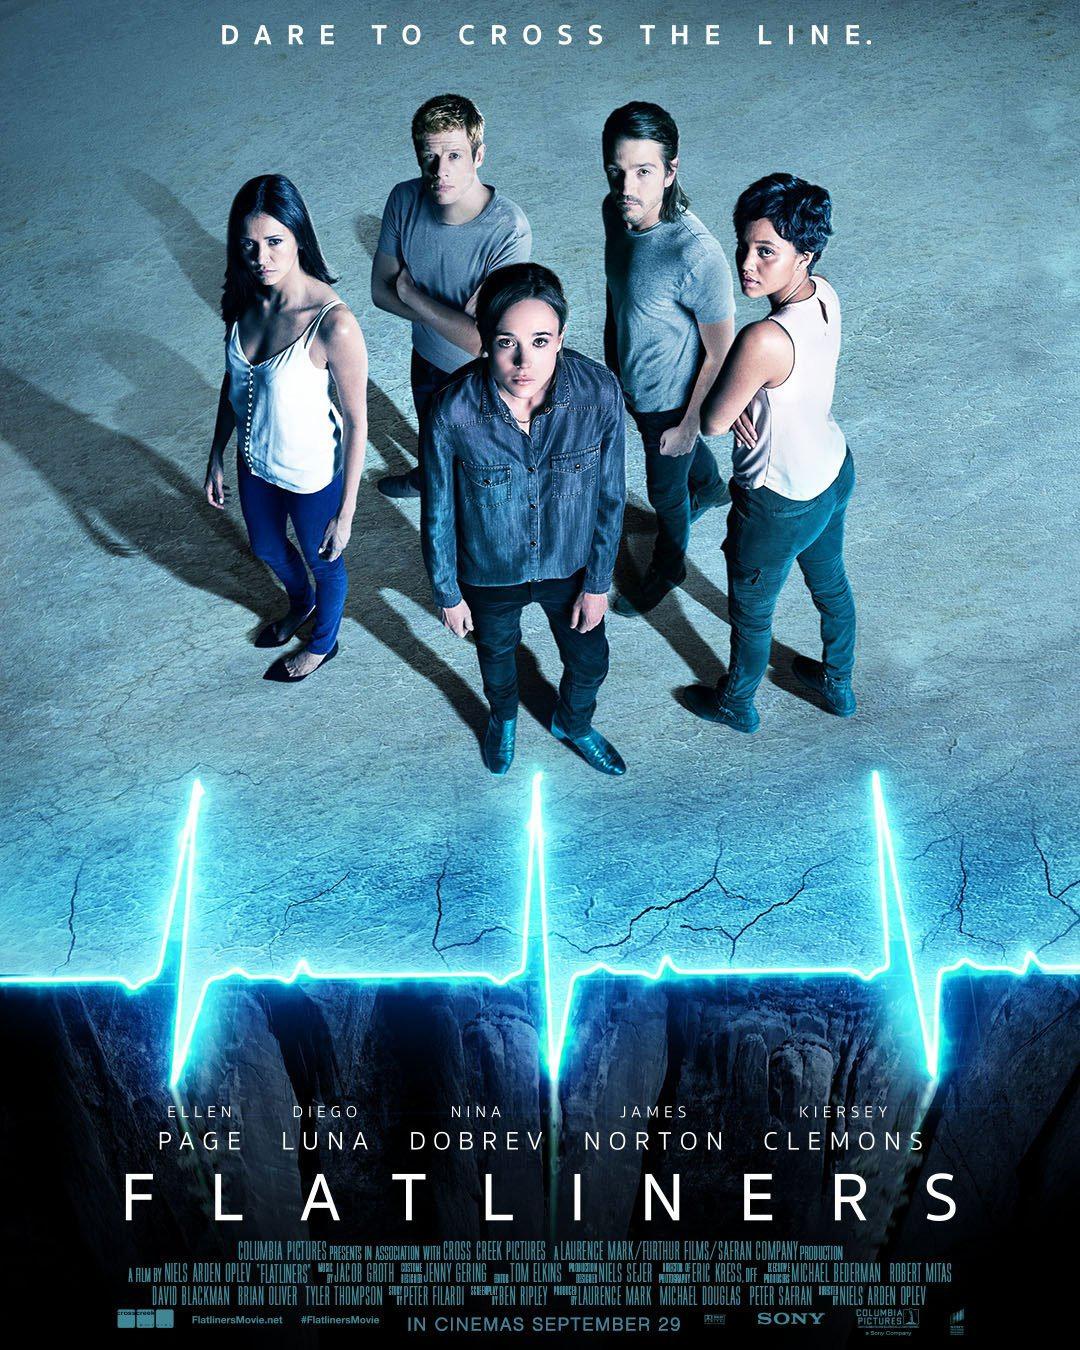 Flatliners01